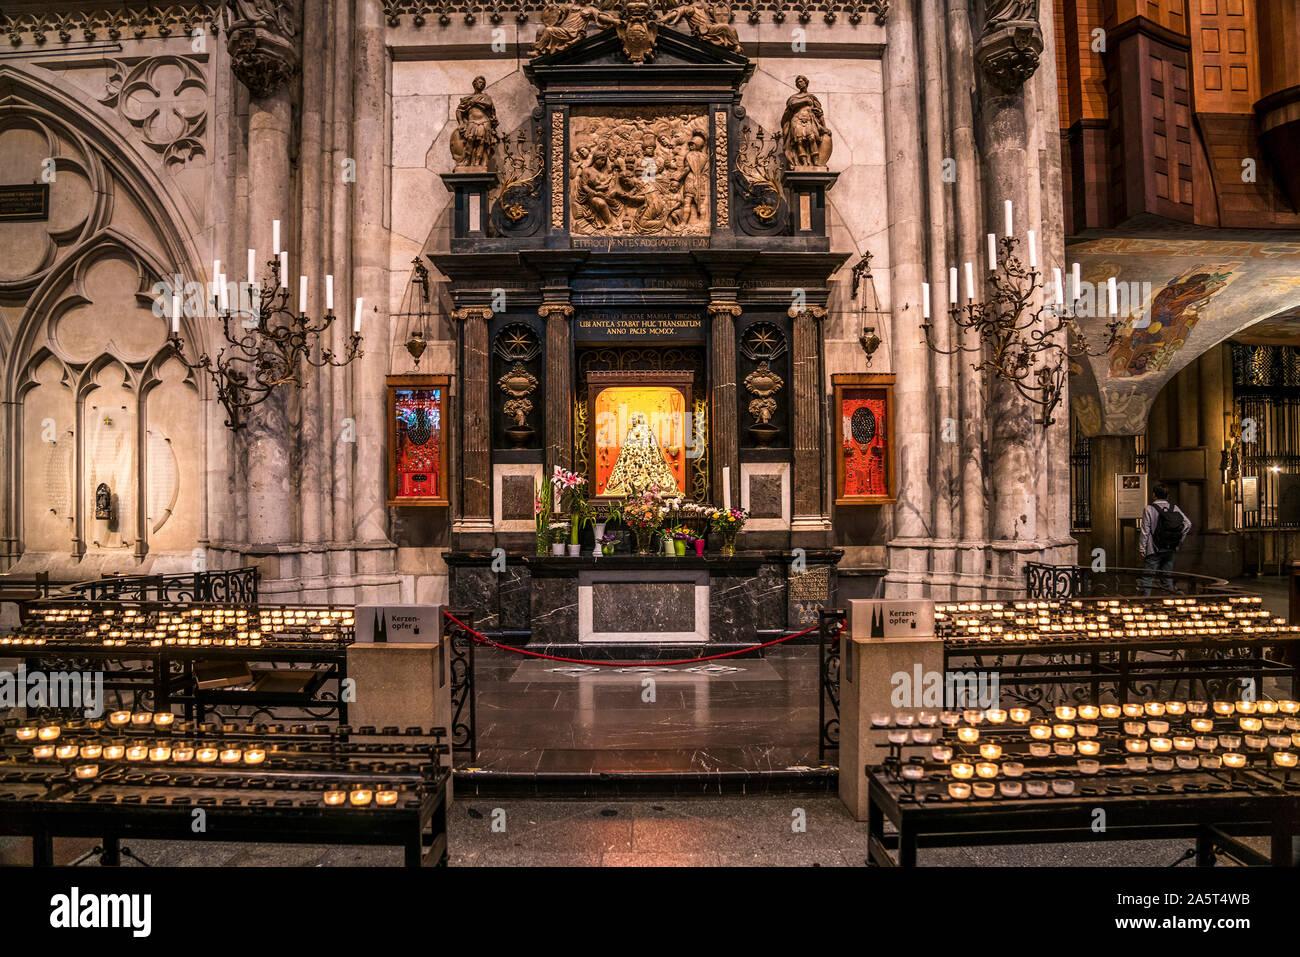 Dreikonigenaltar Mit Der Schmuckmadonna Im Innenraum Des Kolner Dom Koln Nordrhein Westfalen Deutschland Magi Altar Or Altar Of The Three Holy Stock Photo Alamy